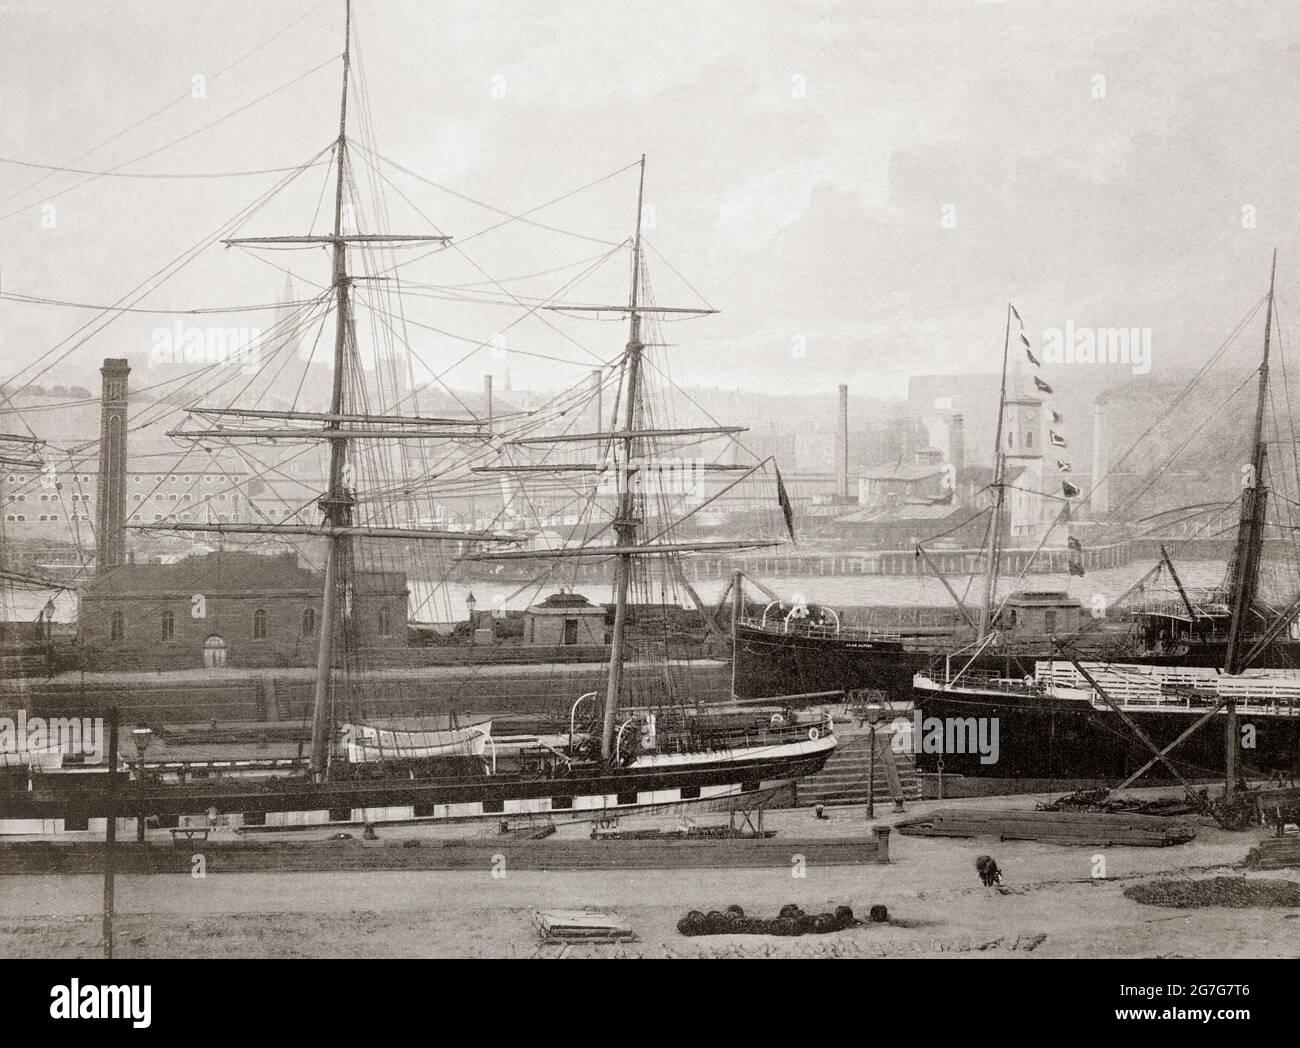 Vue de la fin du XIXe siècle sur la navigation à Partick, sur la rive nord de la rivière Clyde, juste en face de Govan, Glasgow, Écosse. L'expansion rapide de l'industrie de Partick a été basée sur le Clyde continuellement approfondi depuis le début des années 1820 par les rêveurs à vapeur. Ce processus de dragage a bientôt fourni des canaux de navigation en eau profonde jusqu'au port de Broomielaw, dans le centre de Glasgow. Vers les années 1840, le Clyde était assez profond et large à Govan et à Partick pour fournir des chantiers navals des deux côtés de la rivière, capable de construire d'énormes navires de mer Banque D'Images